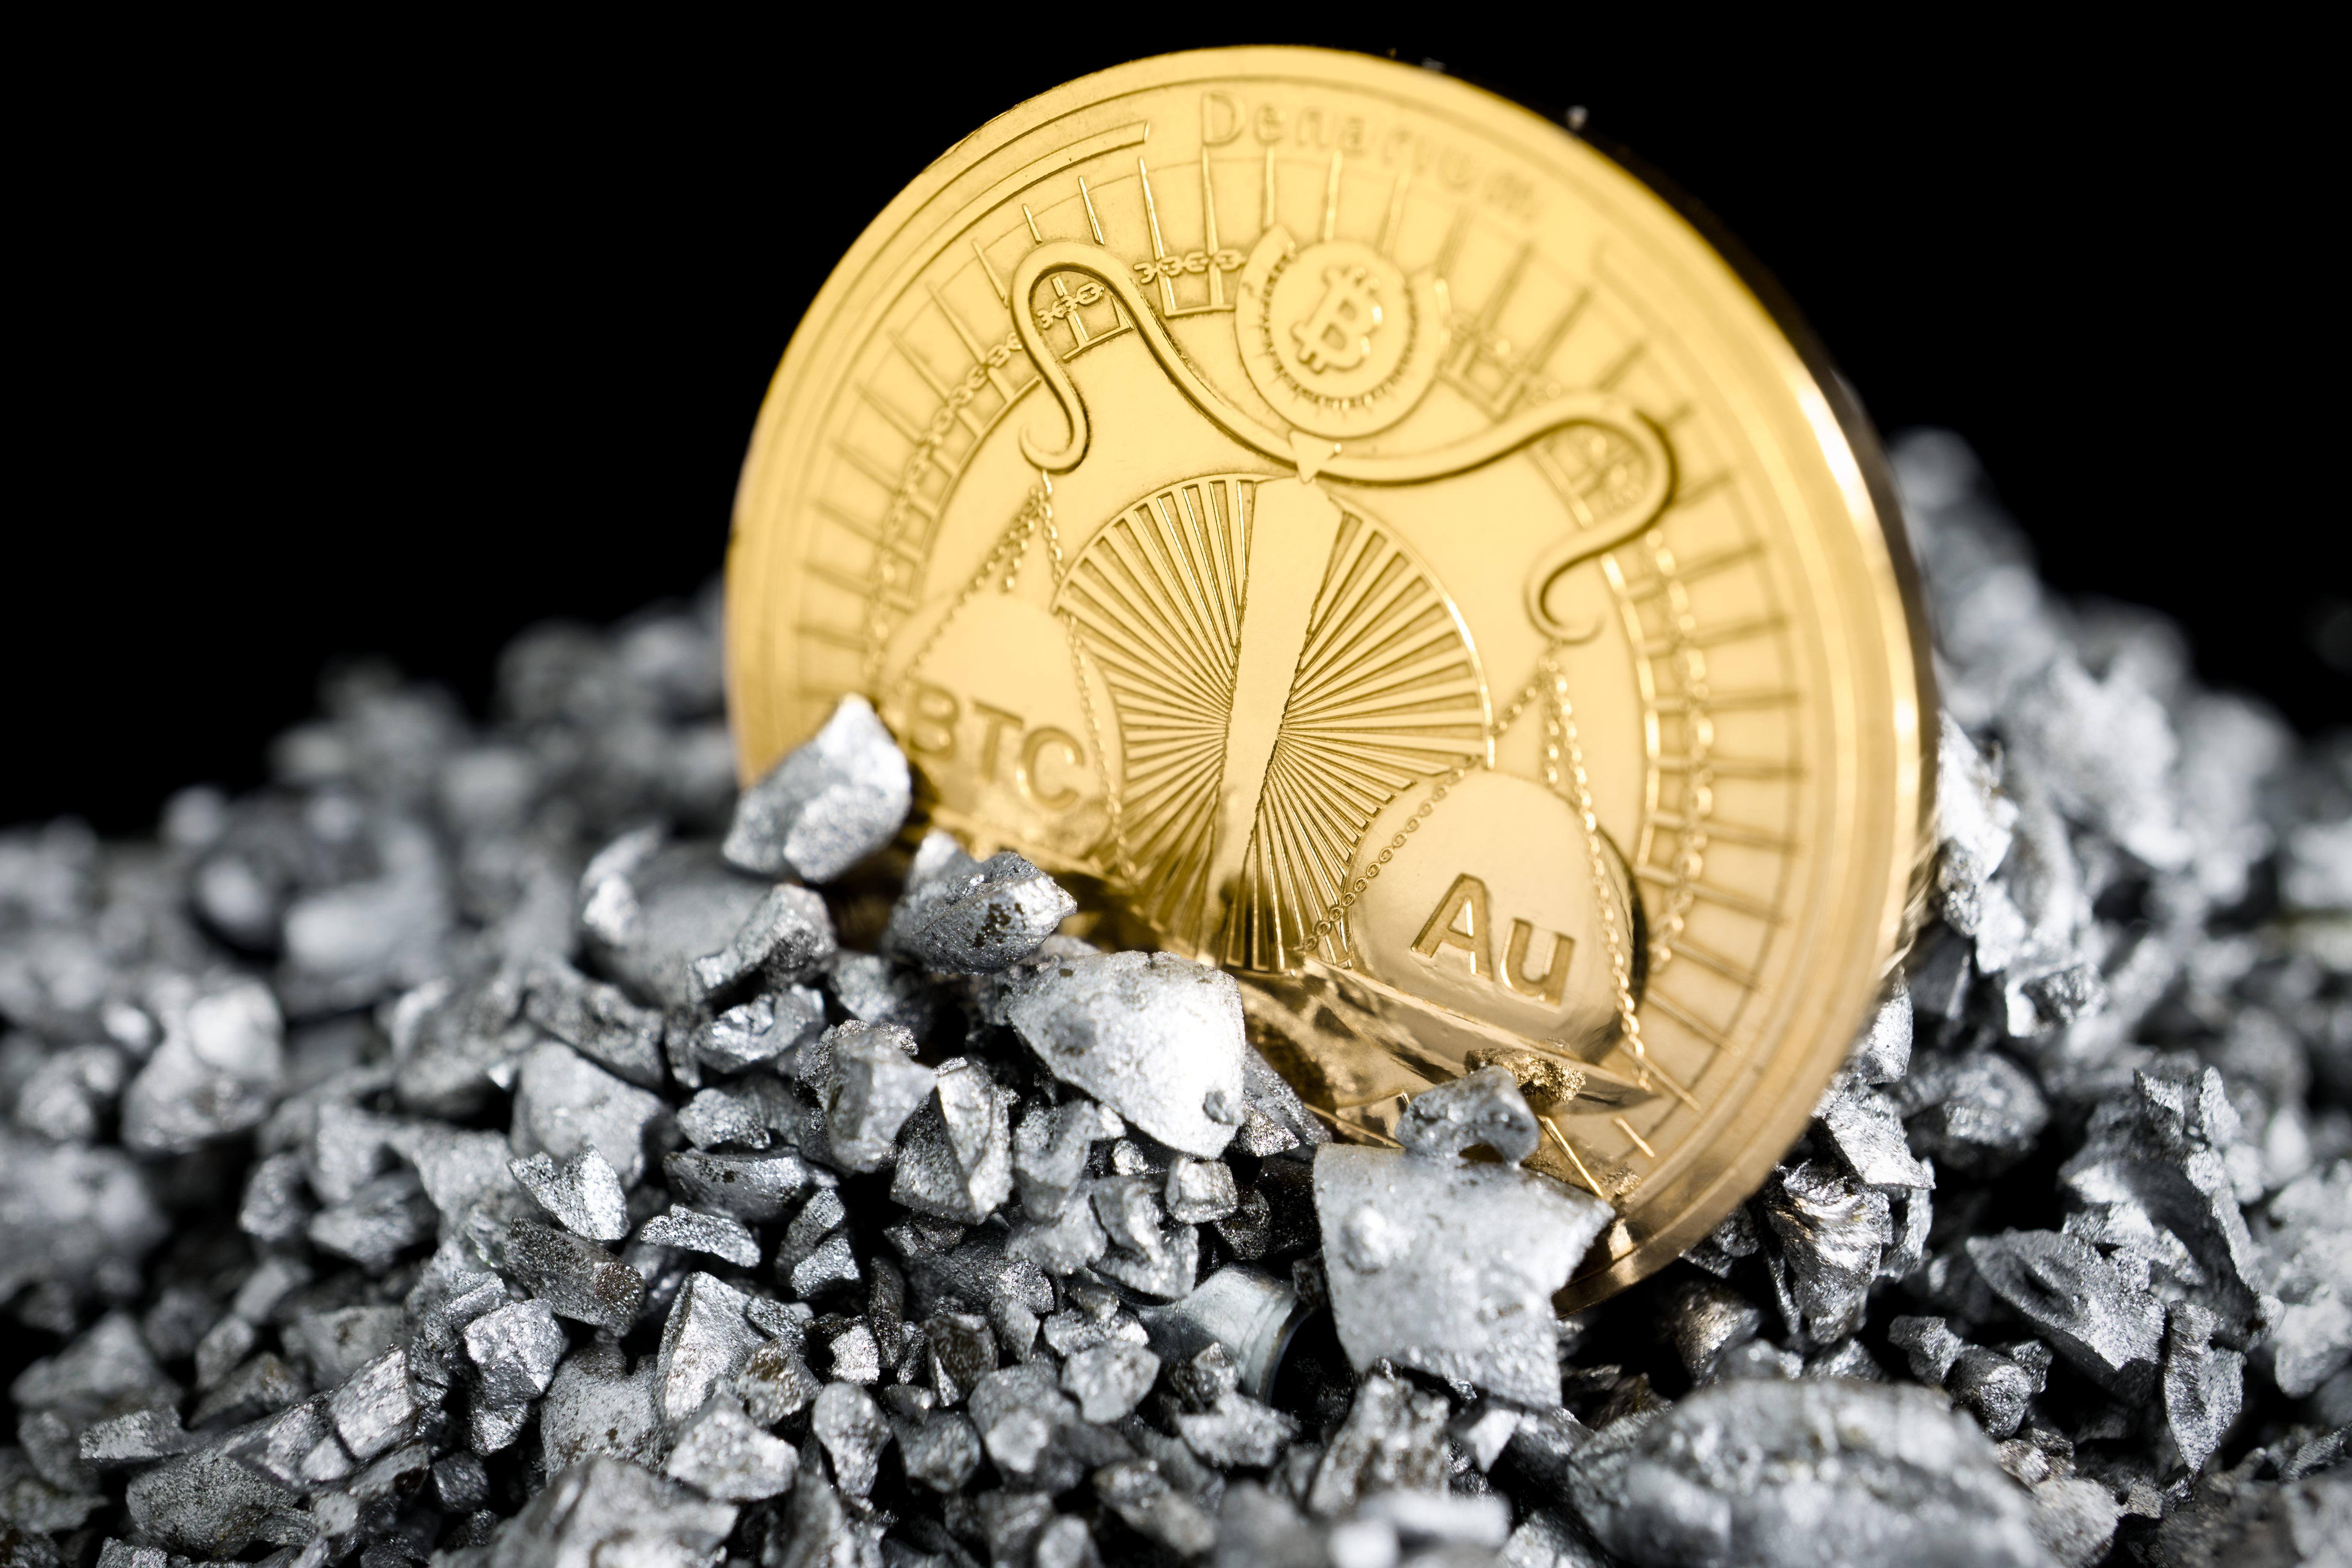 gold coin, bitcoin wallet, denarium, physical bitcoin, proof quality, .999 gold, 1 oz gold